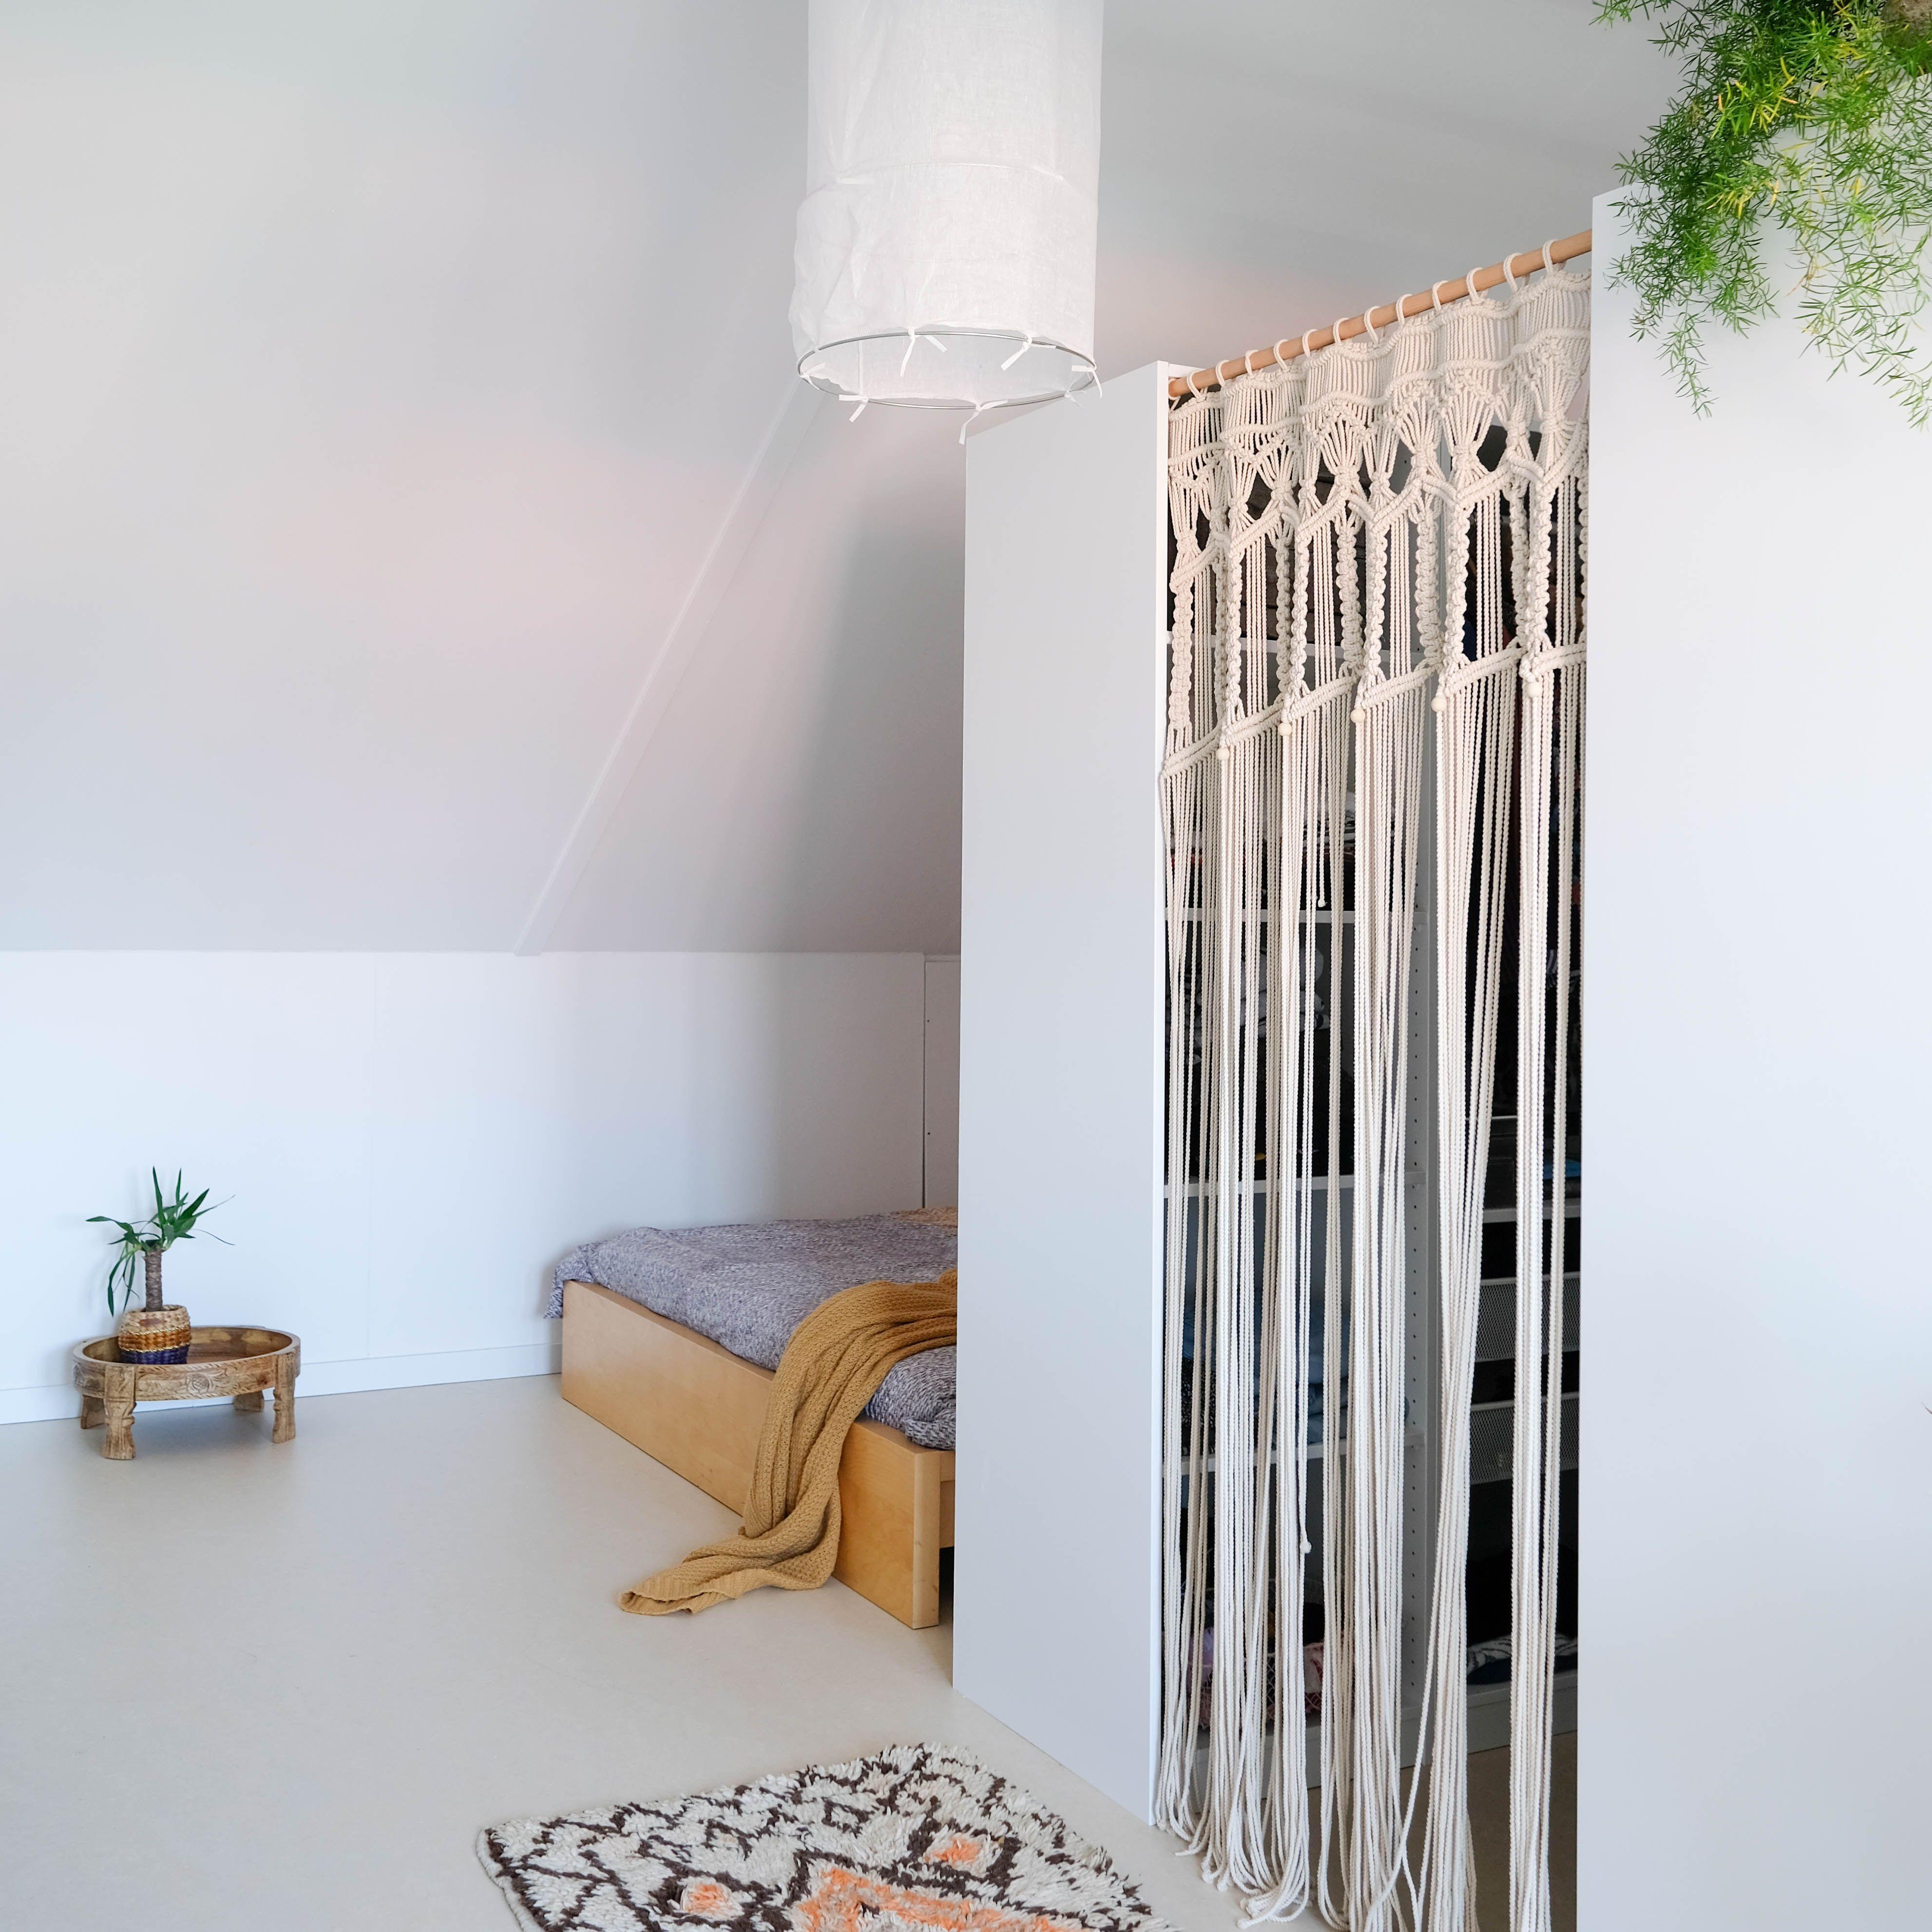 Diy Ikea Pax Inloopkast Maken Bedroom Bedroom House New Homes